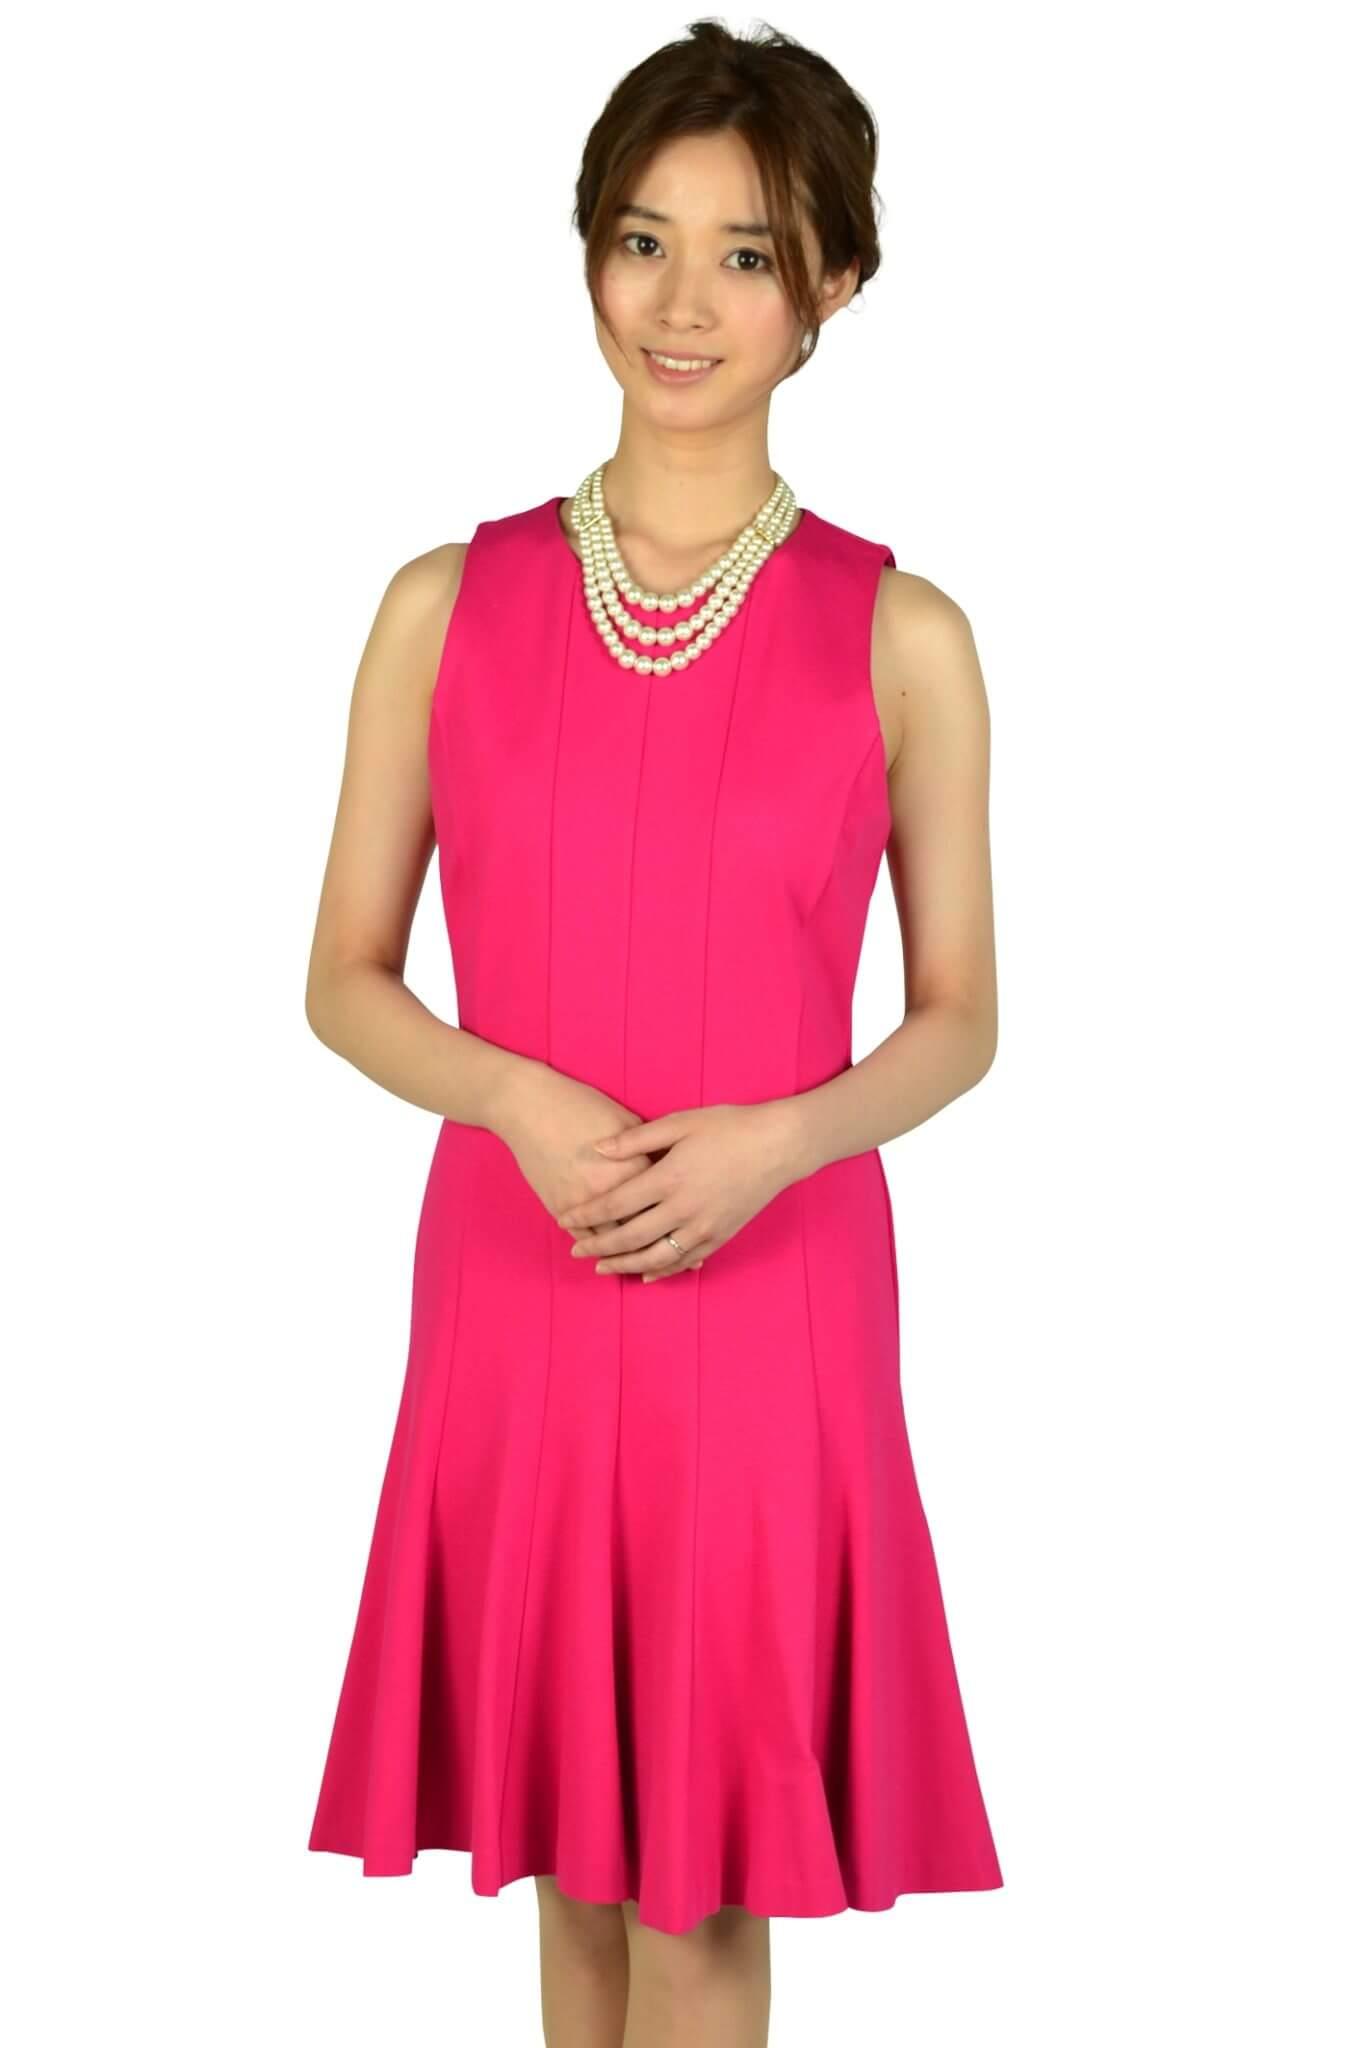 マイケルマイケルコース (MICHAEL MICHAEL KORS)トランペットスカートフューシャピンクドレス